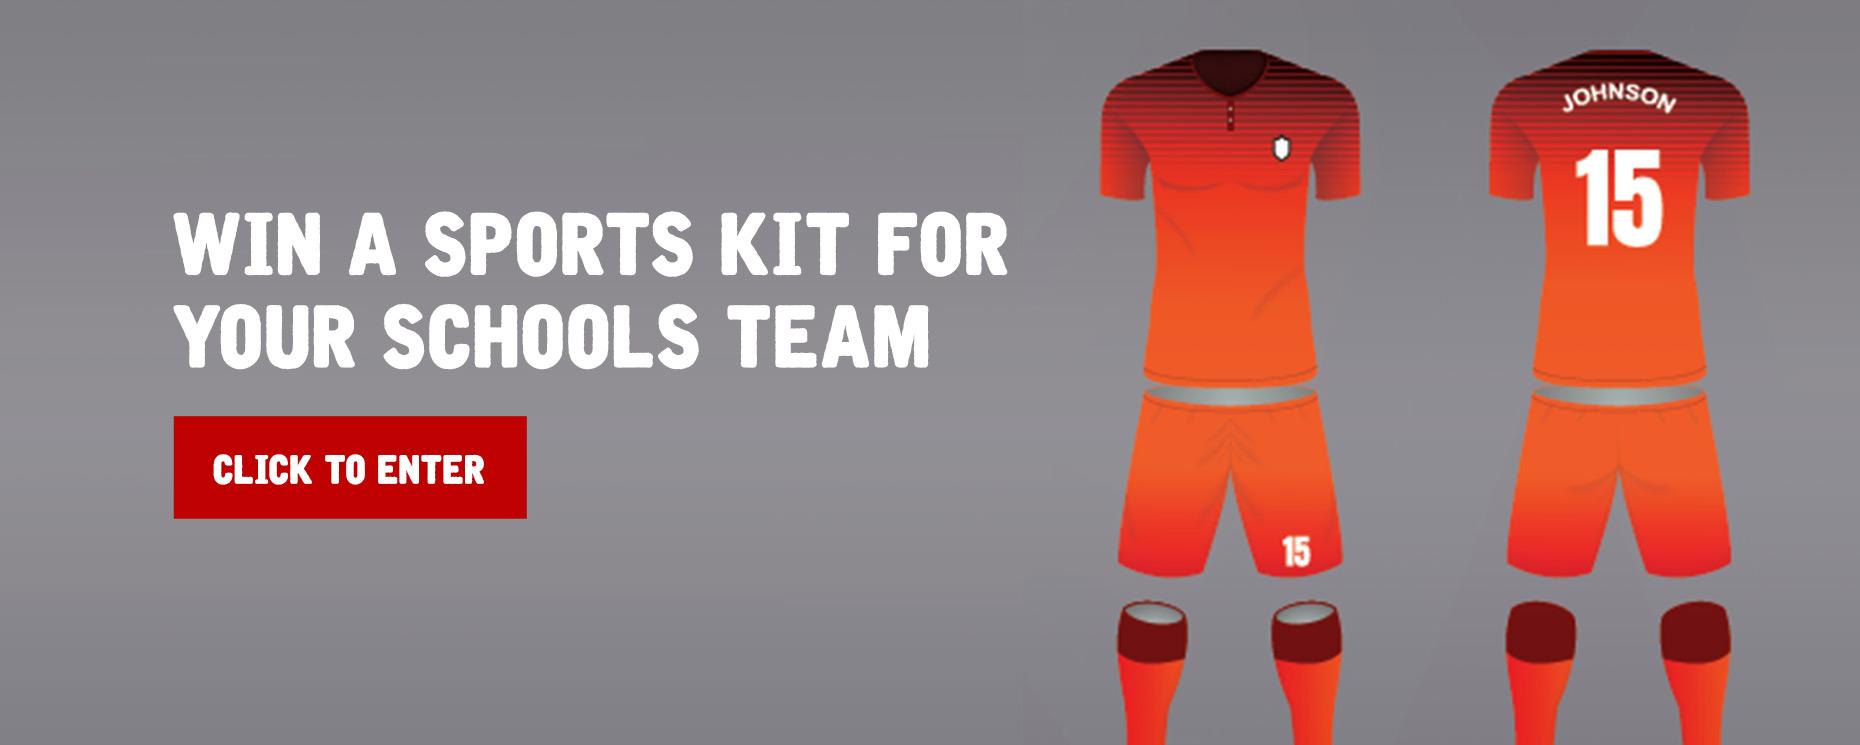 sports kit win